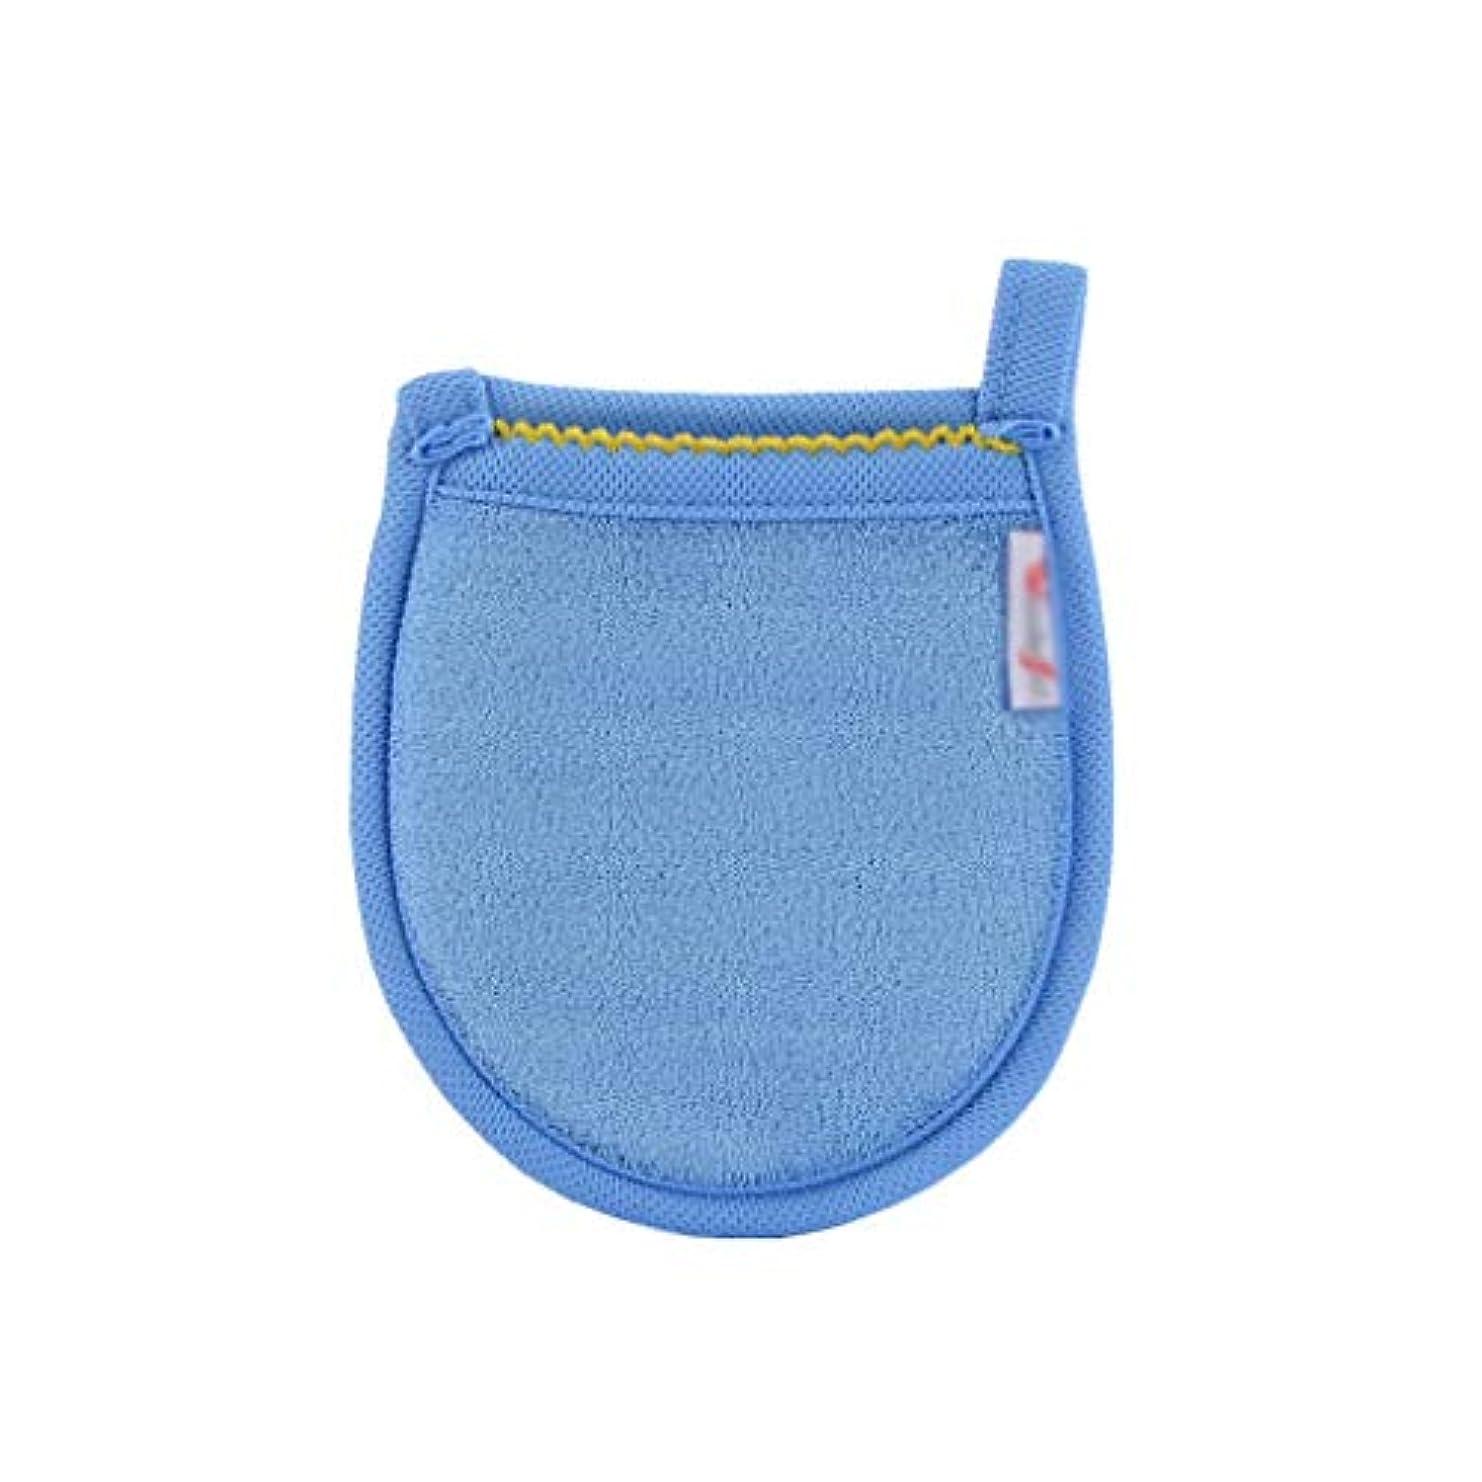 リフレッシュ評判デザートクレンジングシート 1ピースフェイスタオルメイクアップ - リムーバークレンジンググローブ再利用可能なマイクロファイバー女性フェイシャルクロス5色 落ち水クレンジング シート モイスト (Color : Blue)